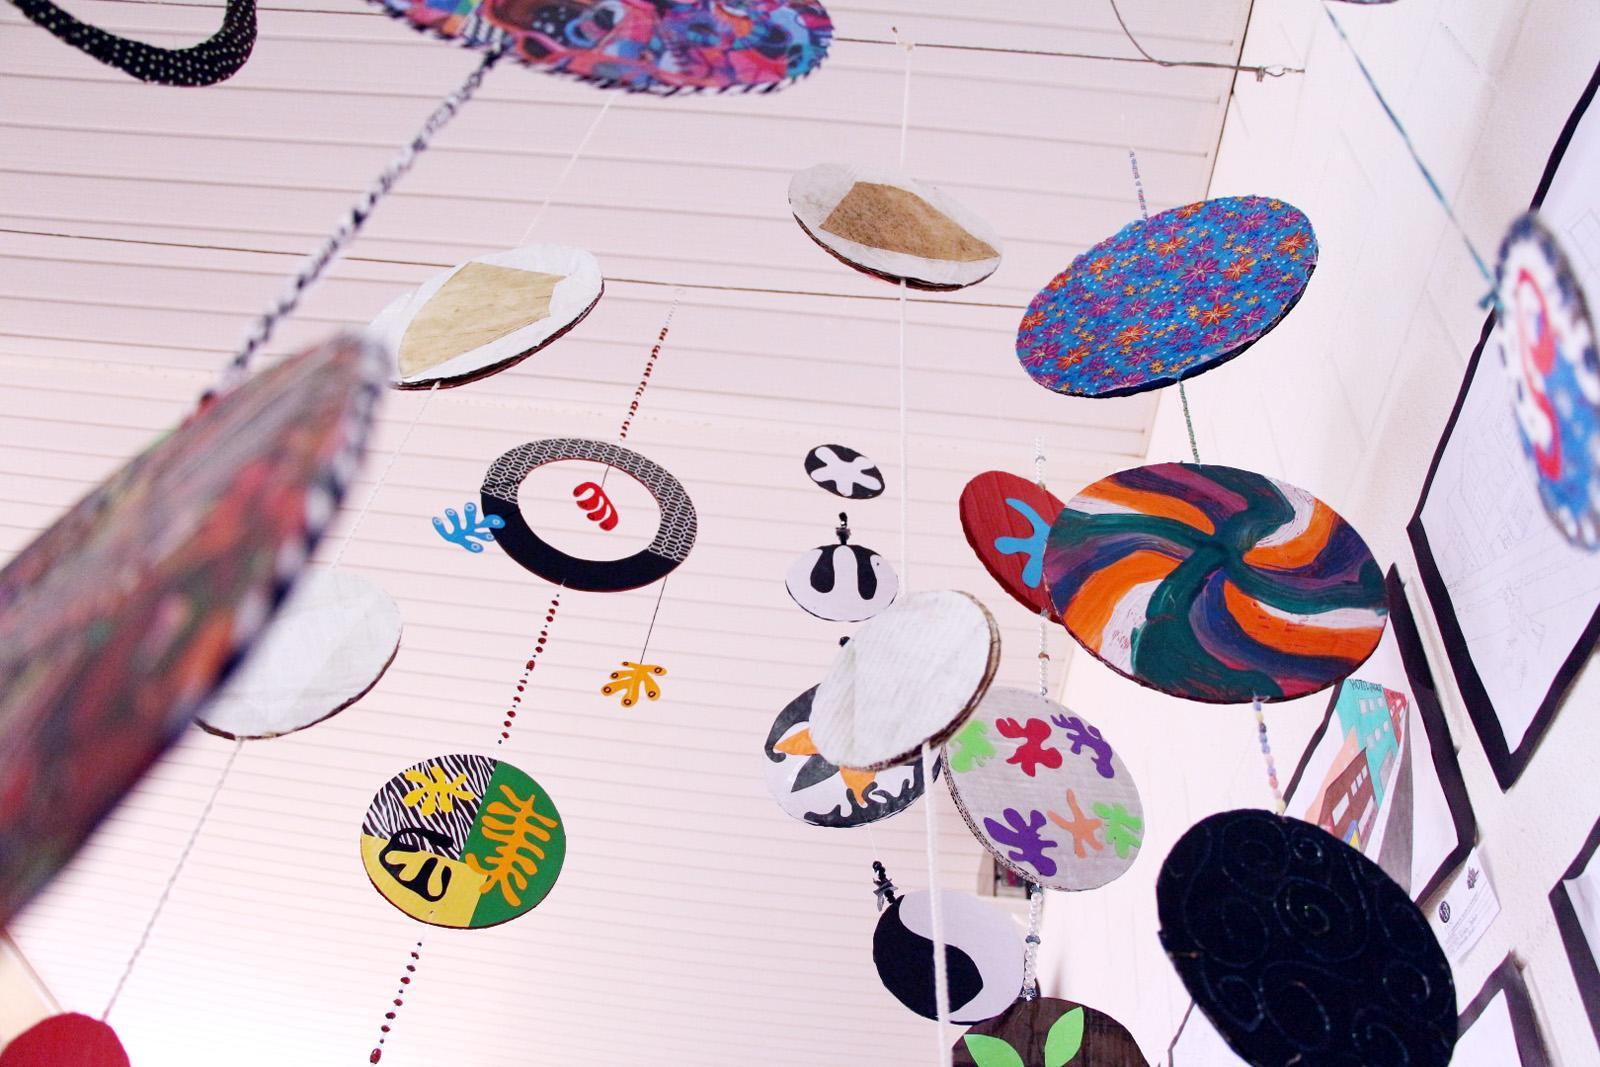 Estudantes de Pedagogia expõem intervenção artística no campus